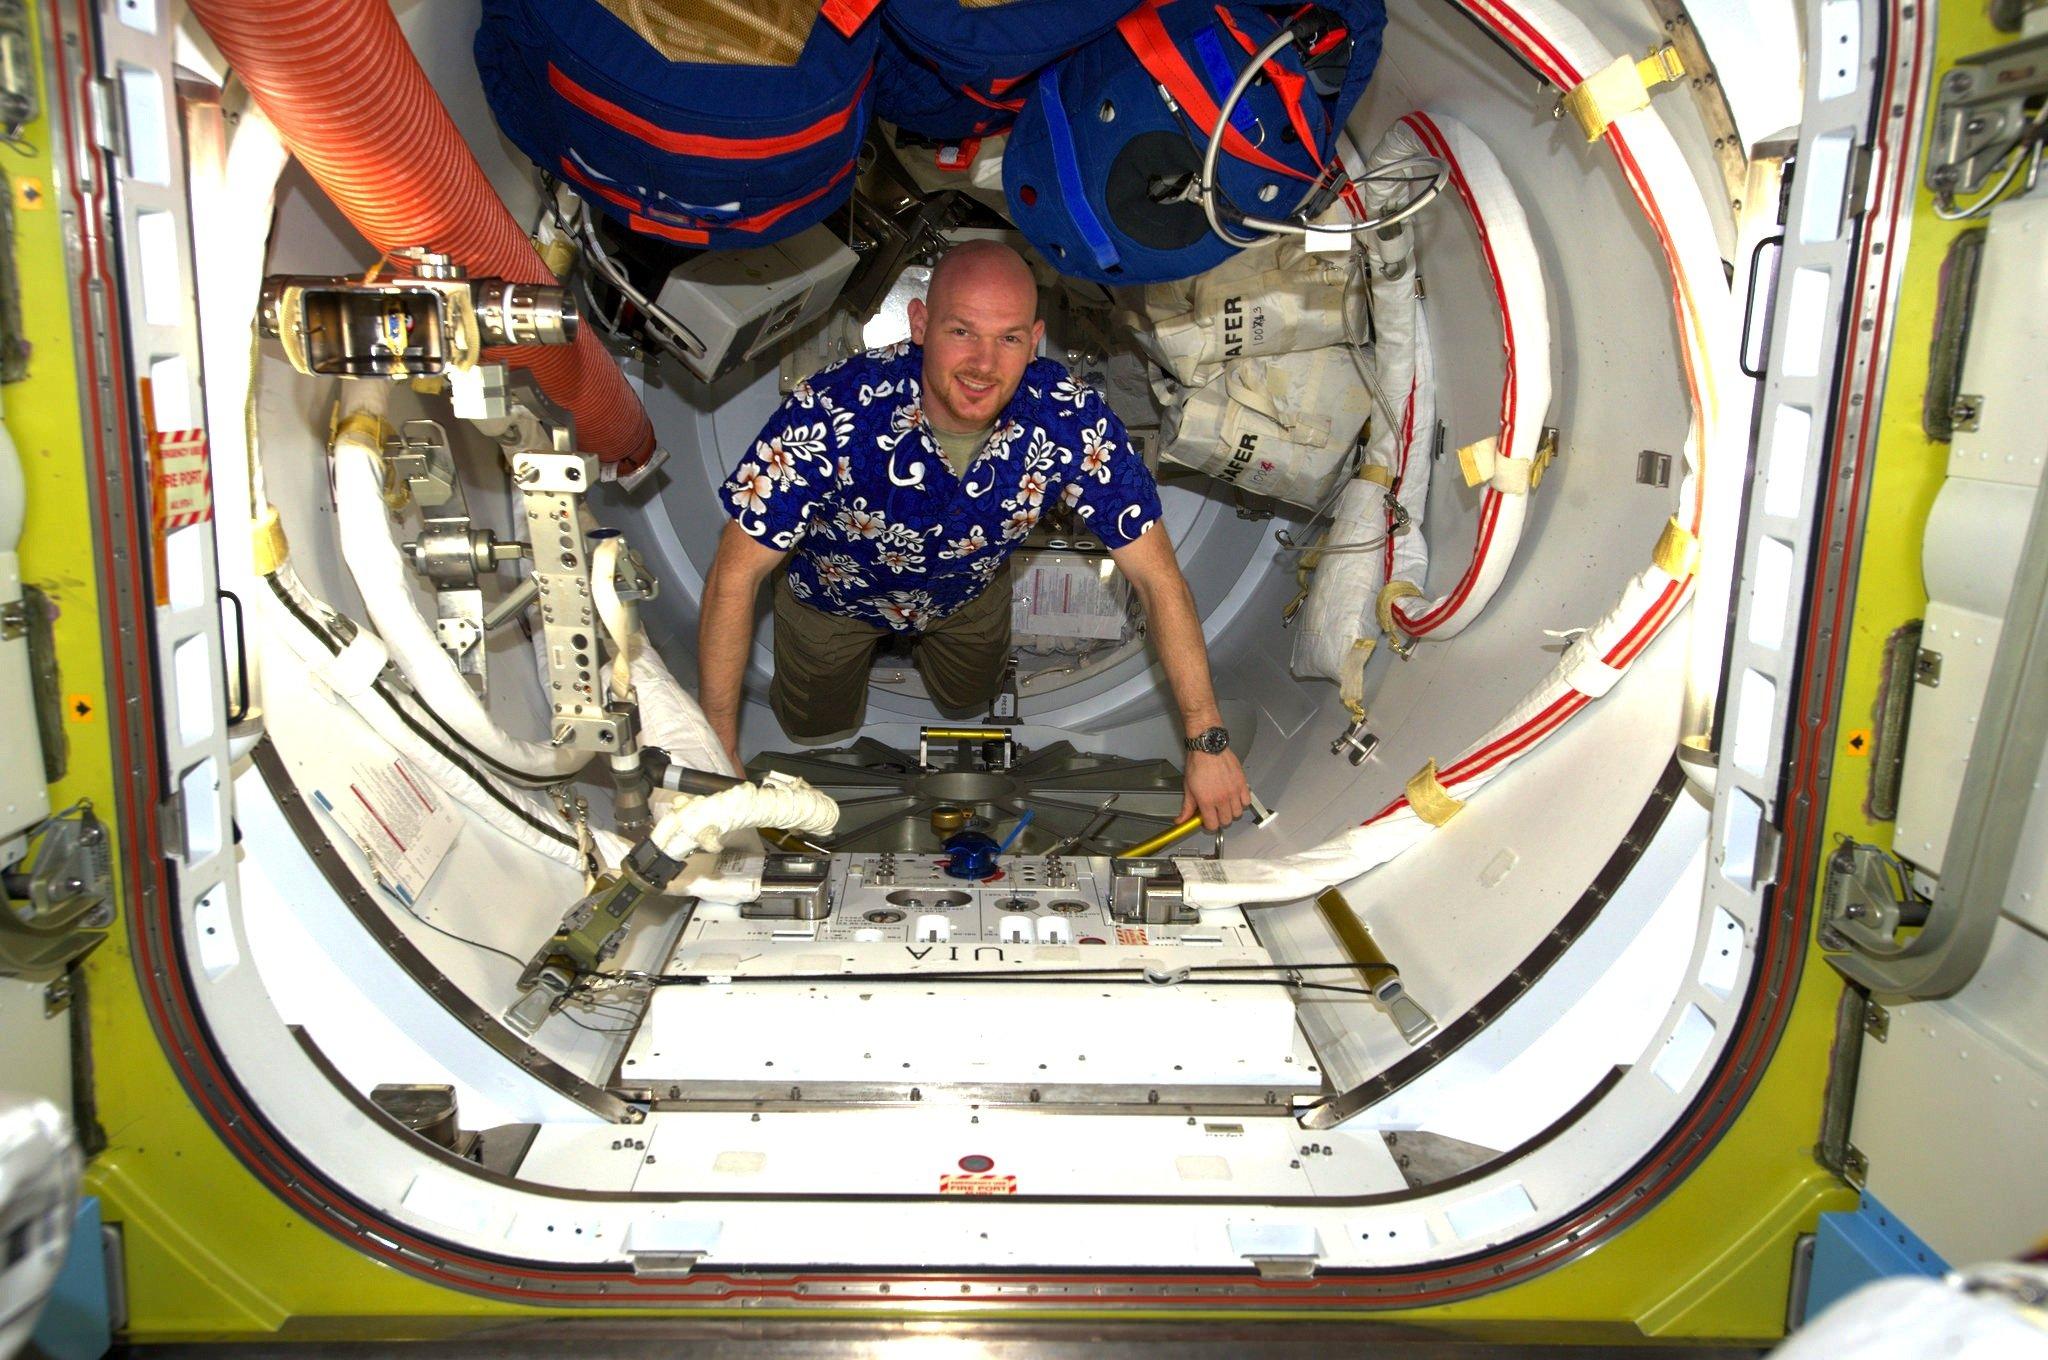 Immer zu einem Spaß aufgelegt: Der deutscheAstronaut Alexander Gerst im Hawai-Hemd auf der ISS.